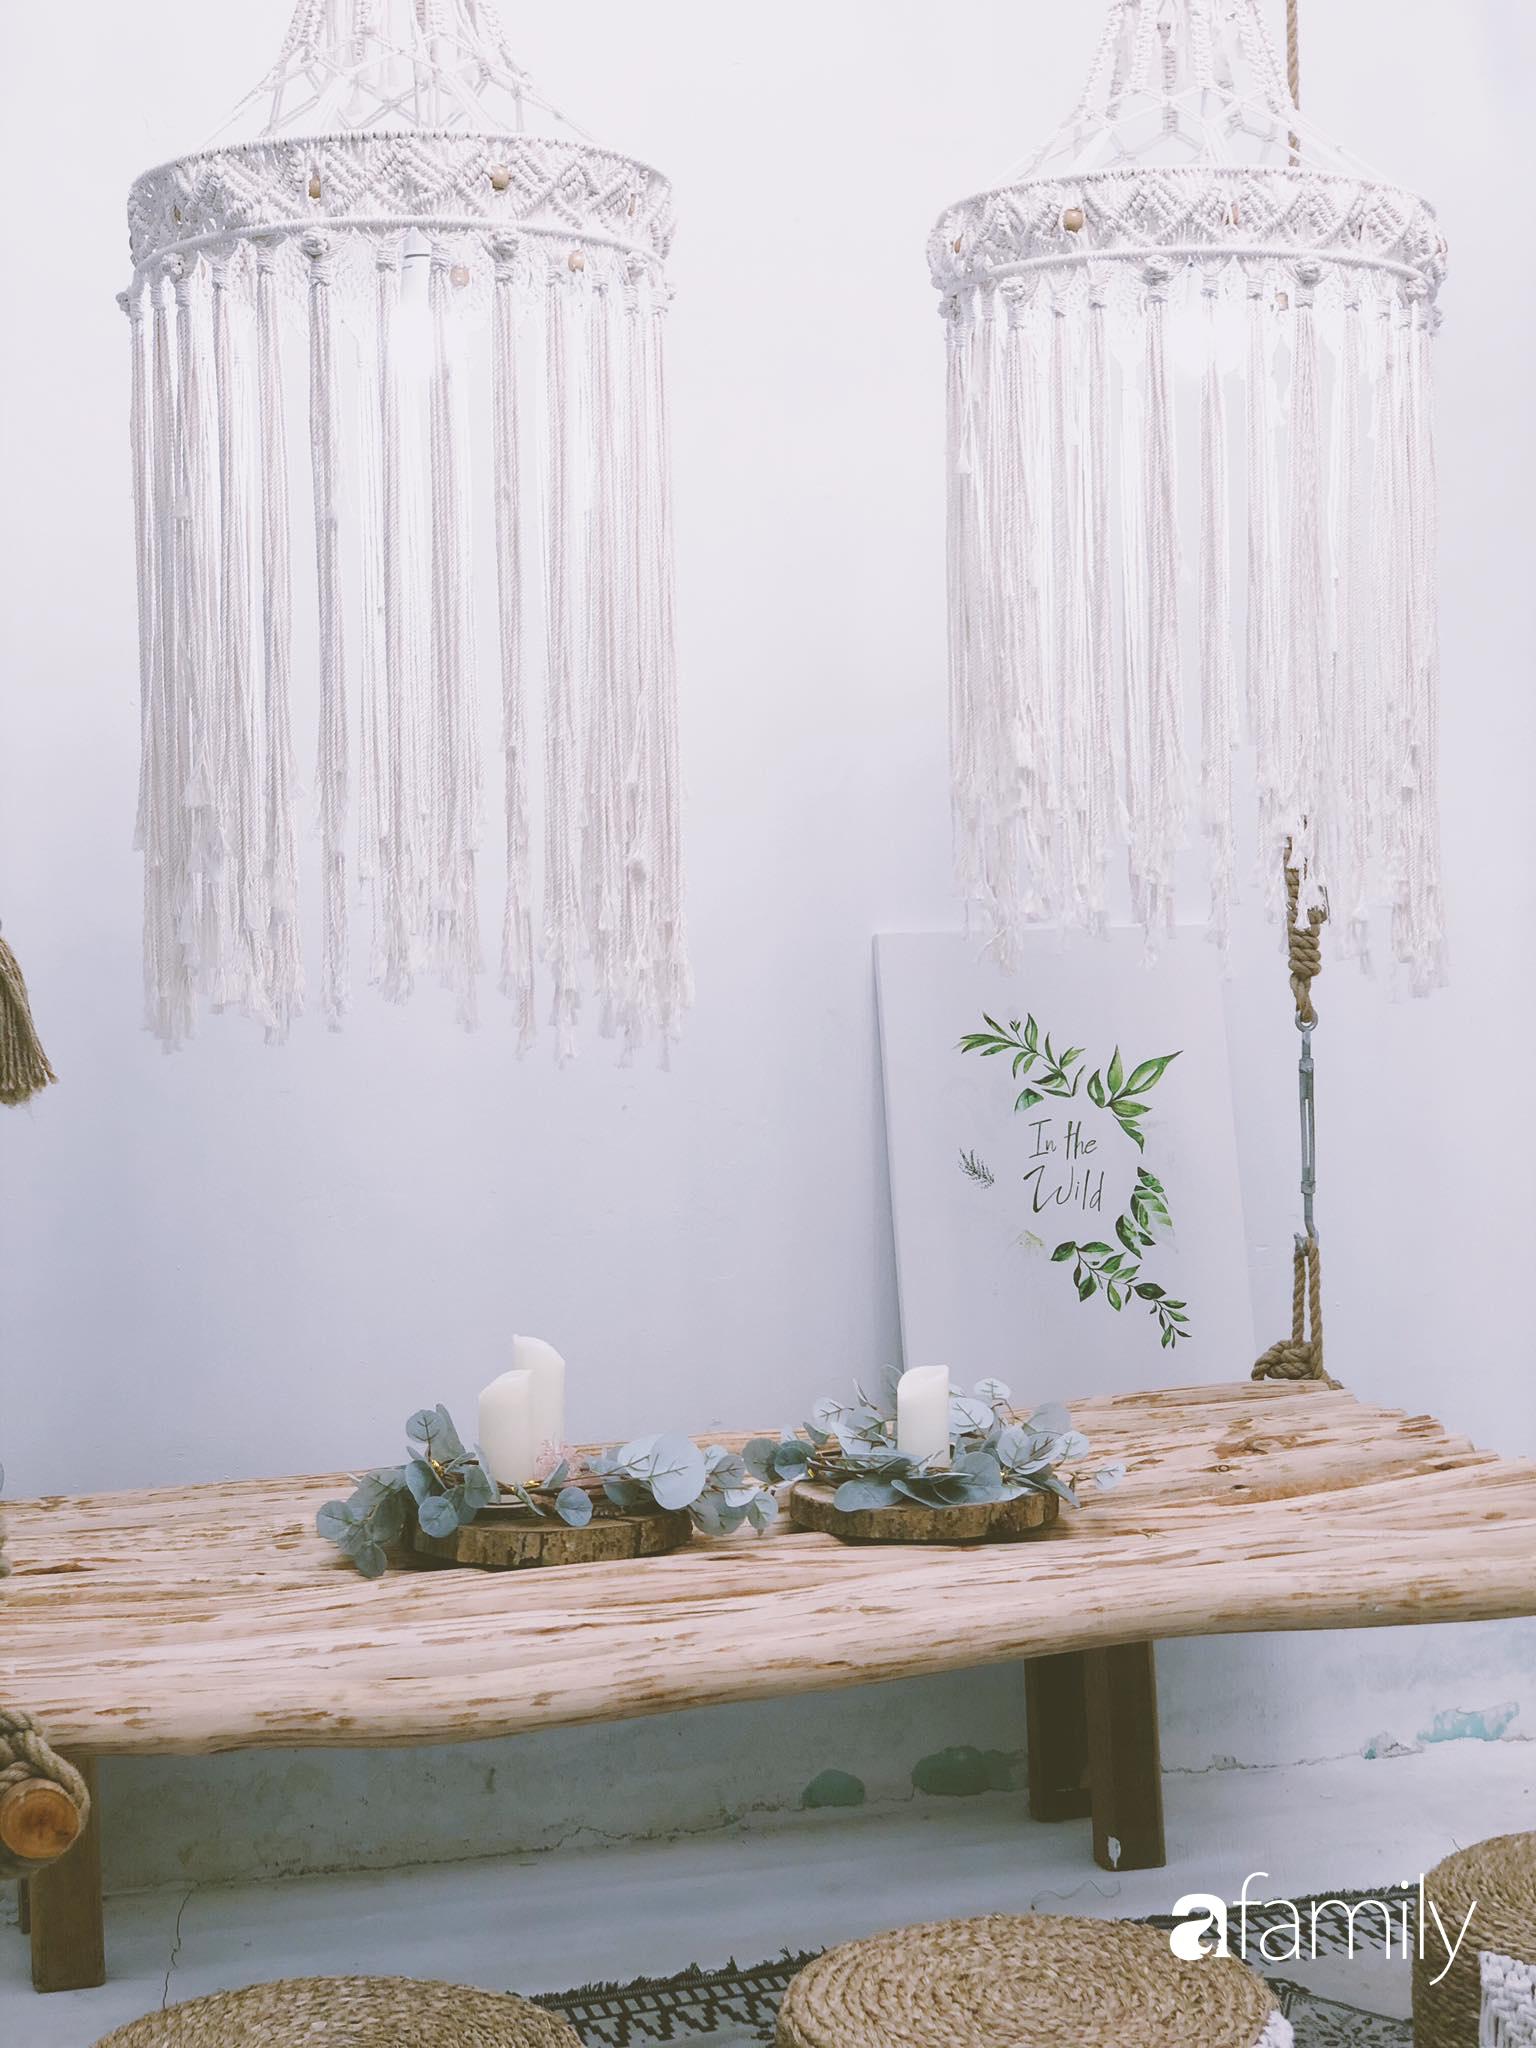 Yêu phong cách Boho, cô gái 9X biến nhà cấp 4 cũ nát thành không gian đẹp mộc mạc, bình dị ở Đà Nẵng - Ảnh 15.